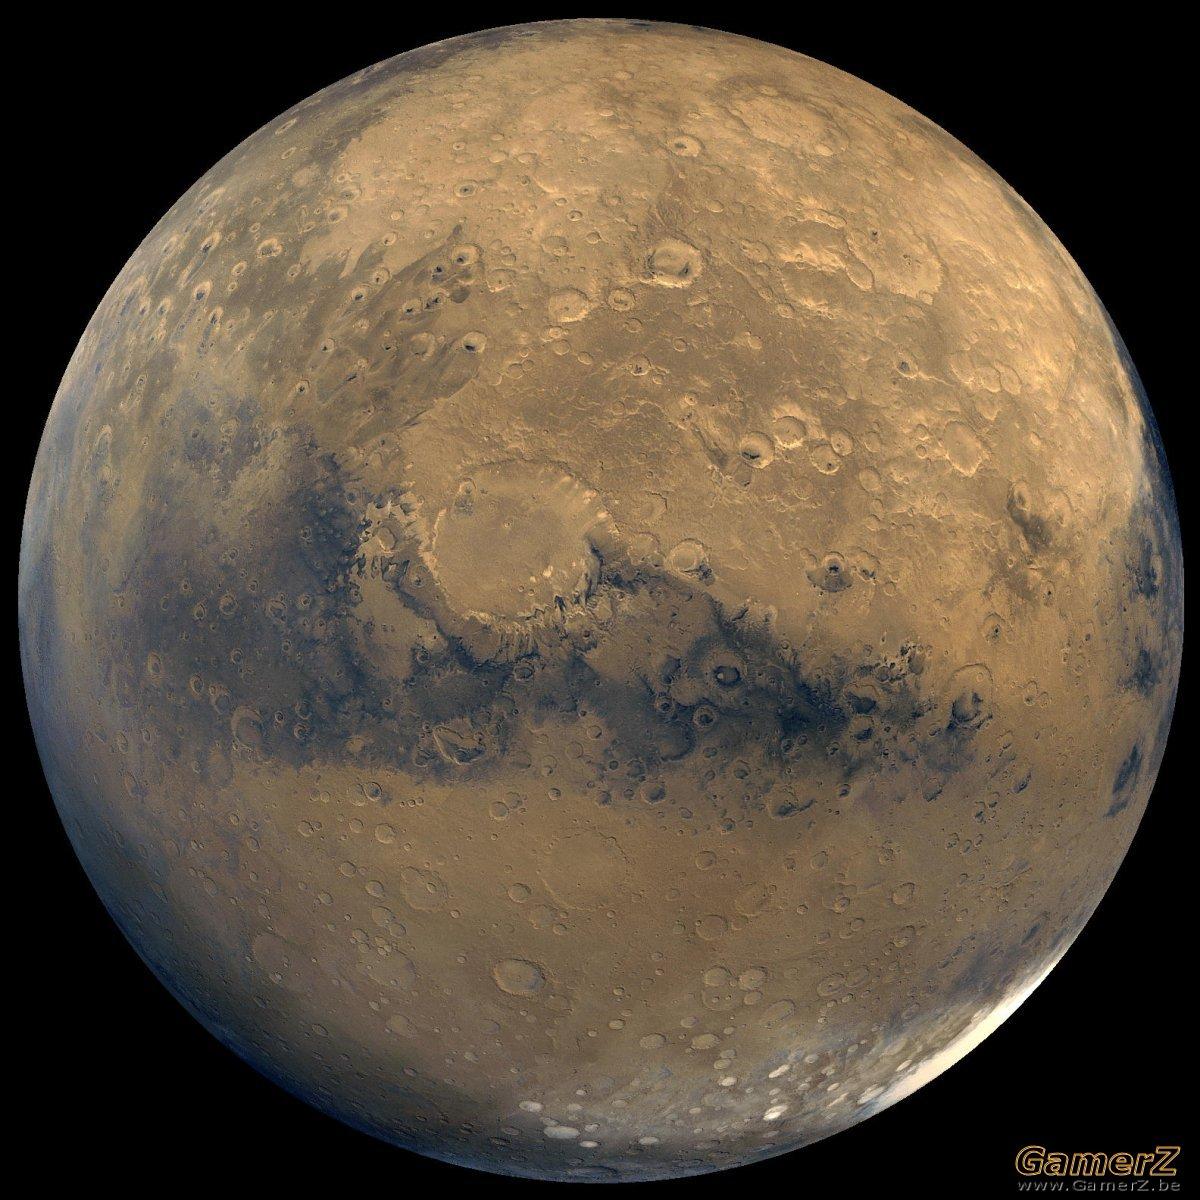 Mars_globe_1584x1584_2-full.jpg